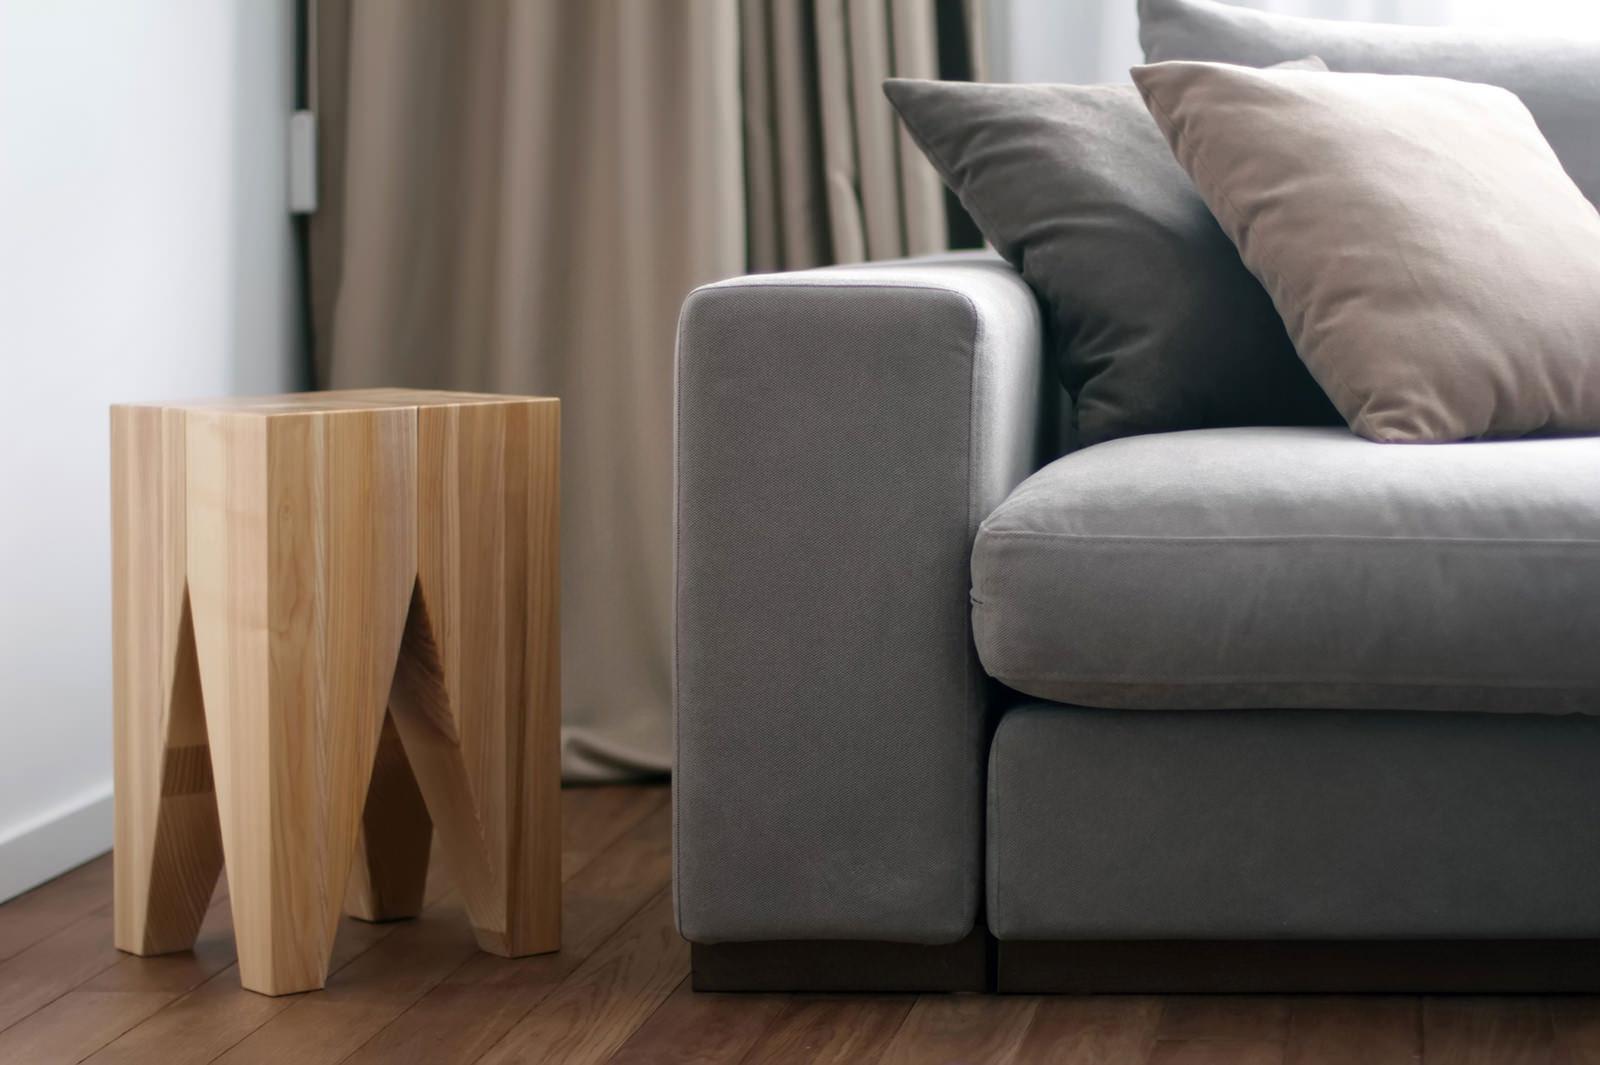 apartament-s-nestandarten-interior-v-skandinavski-stil-6g